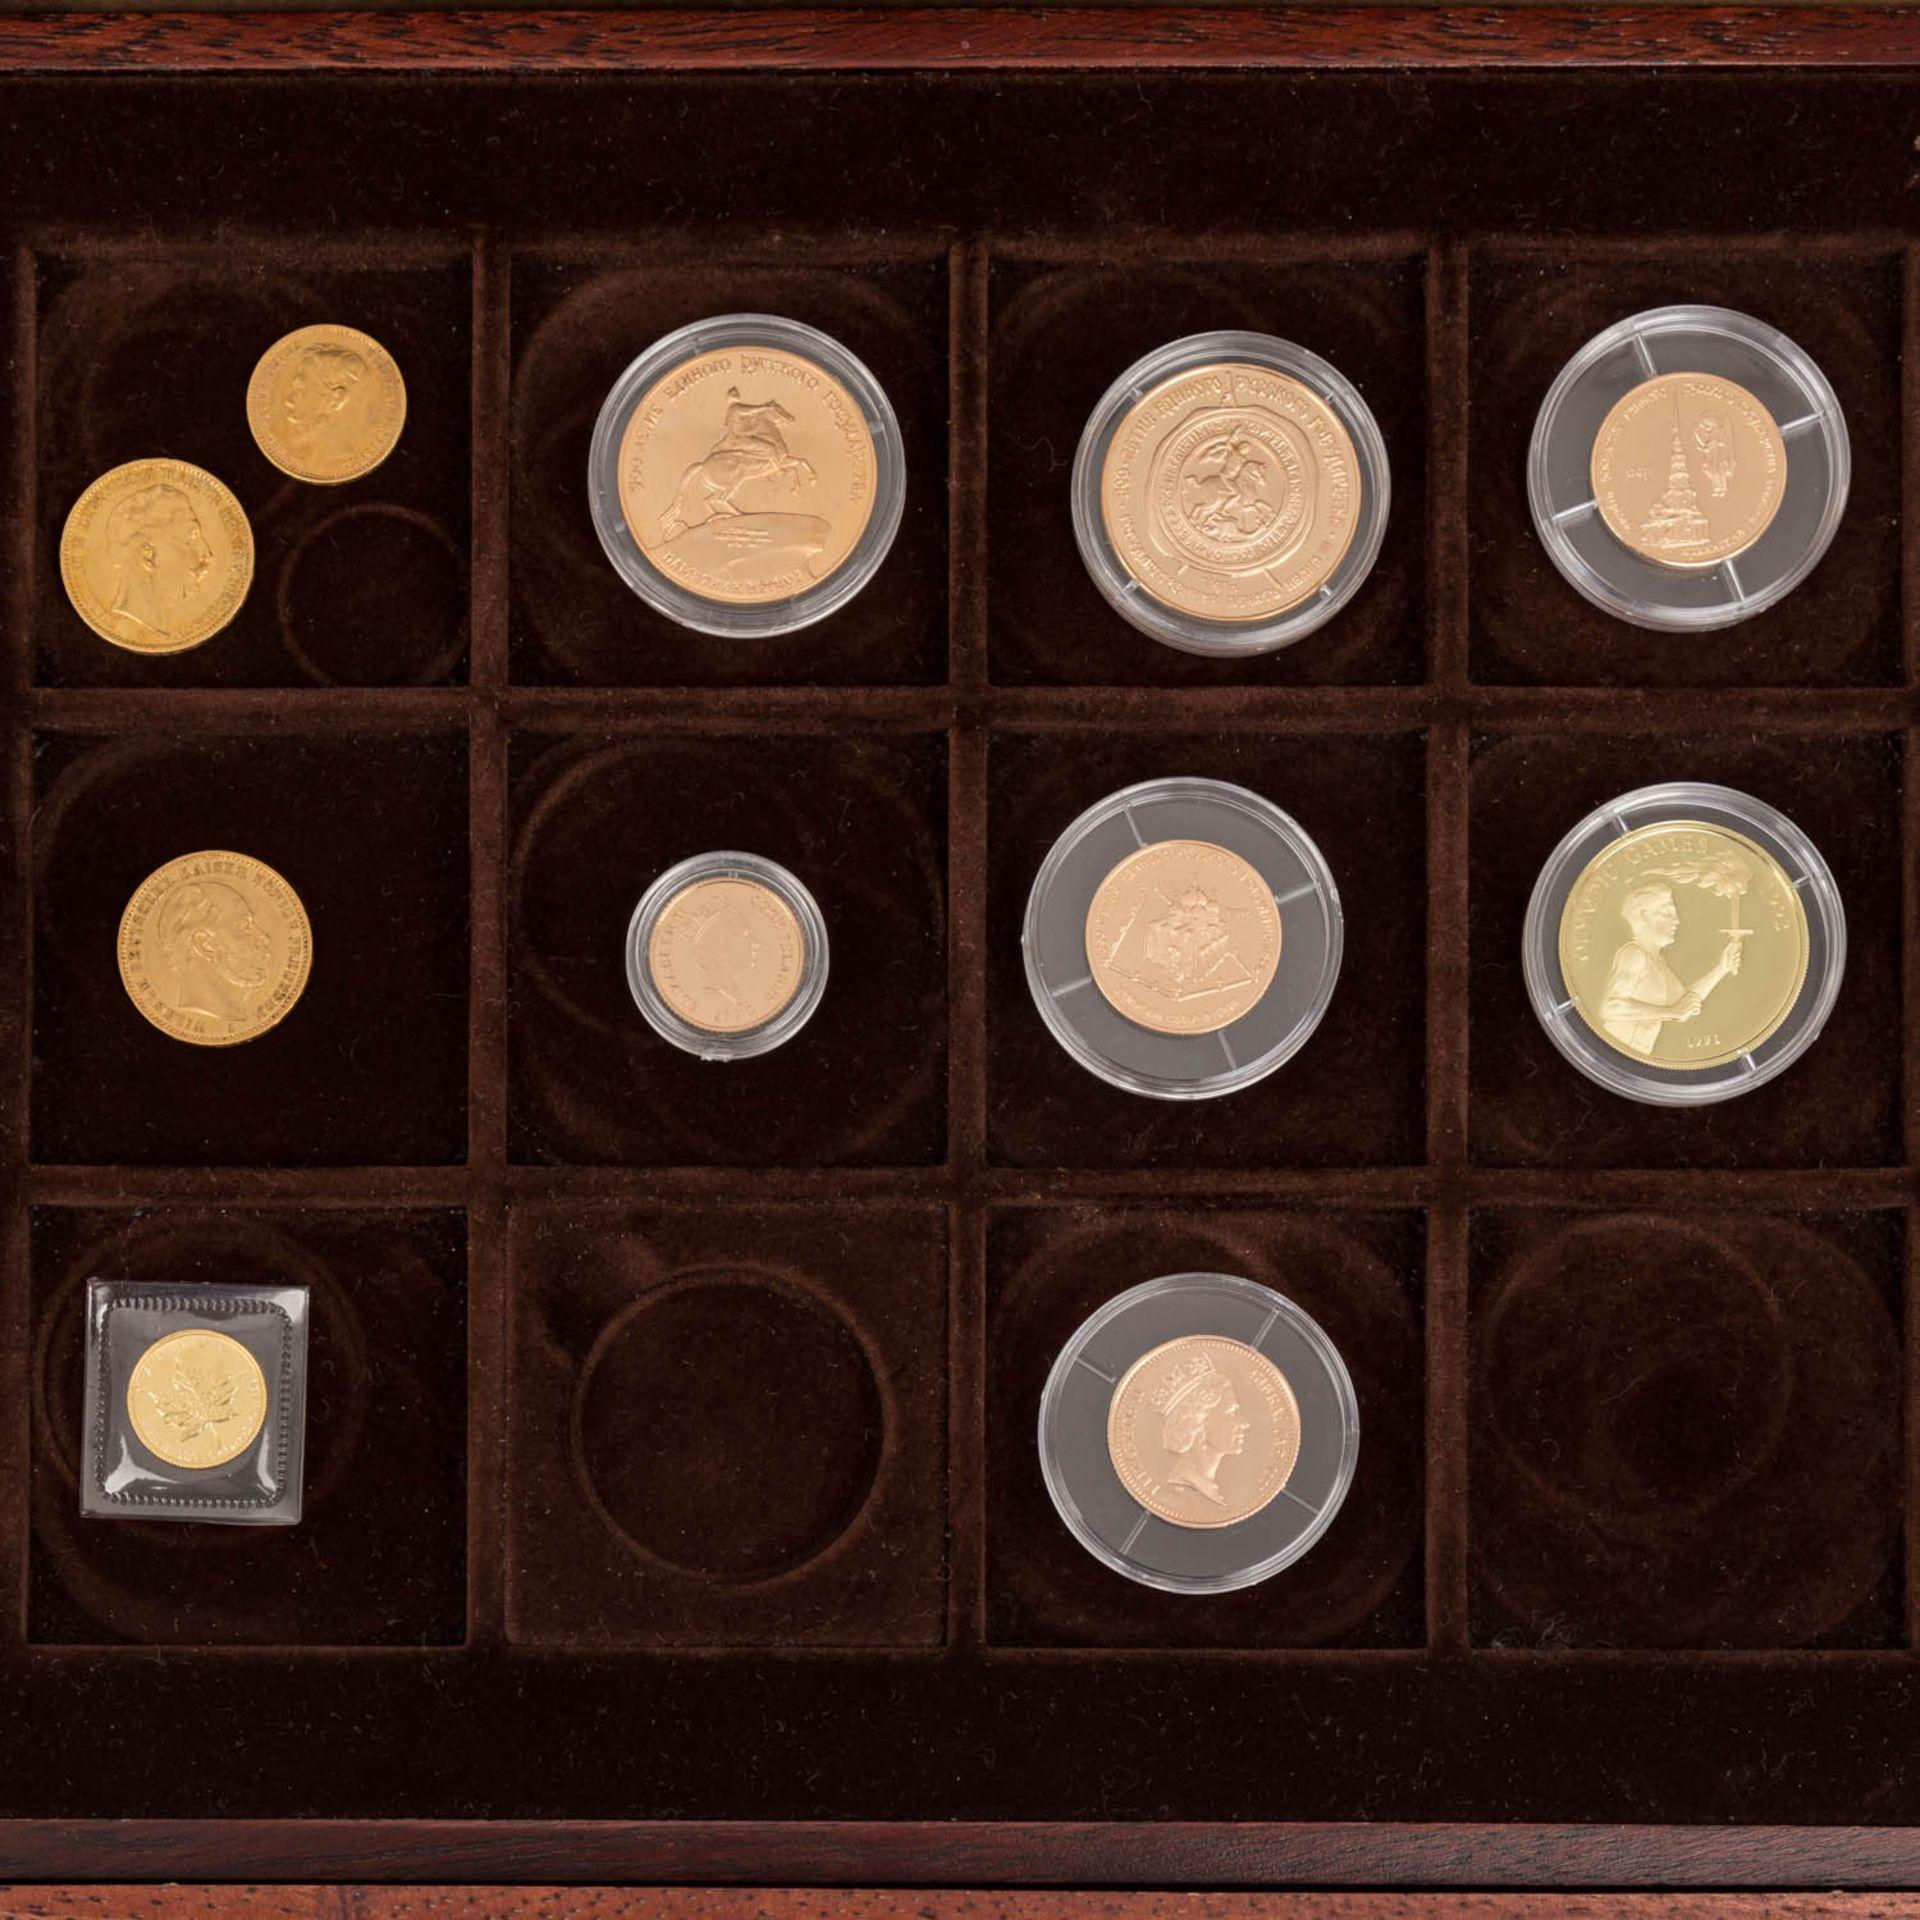 GOLDSCHATZ ca. 83 g fein, Holzkiste bestehend aus - Bild 2 aus 9